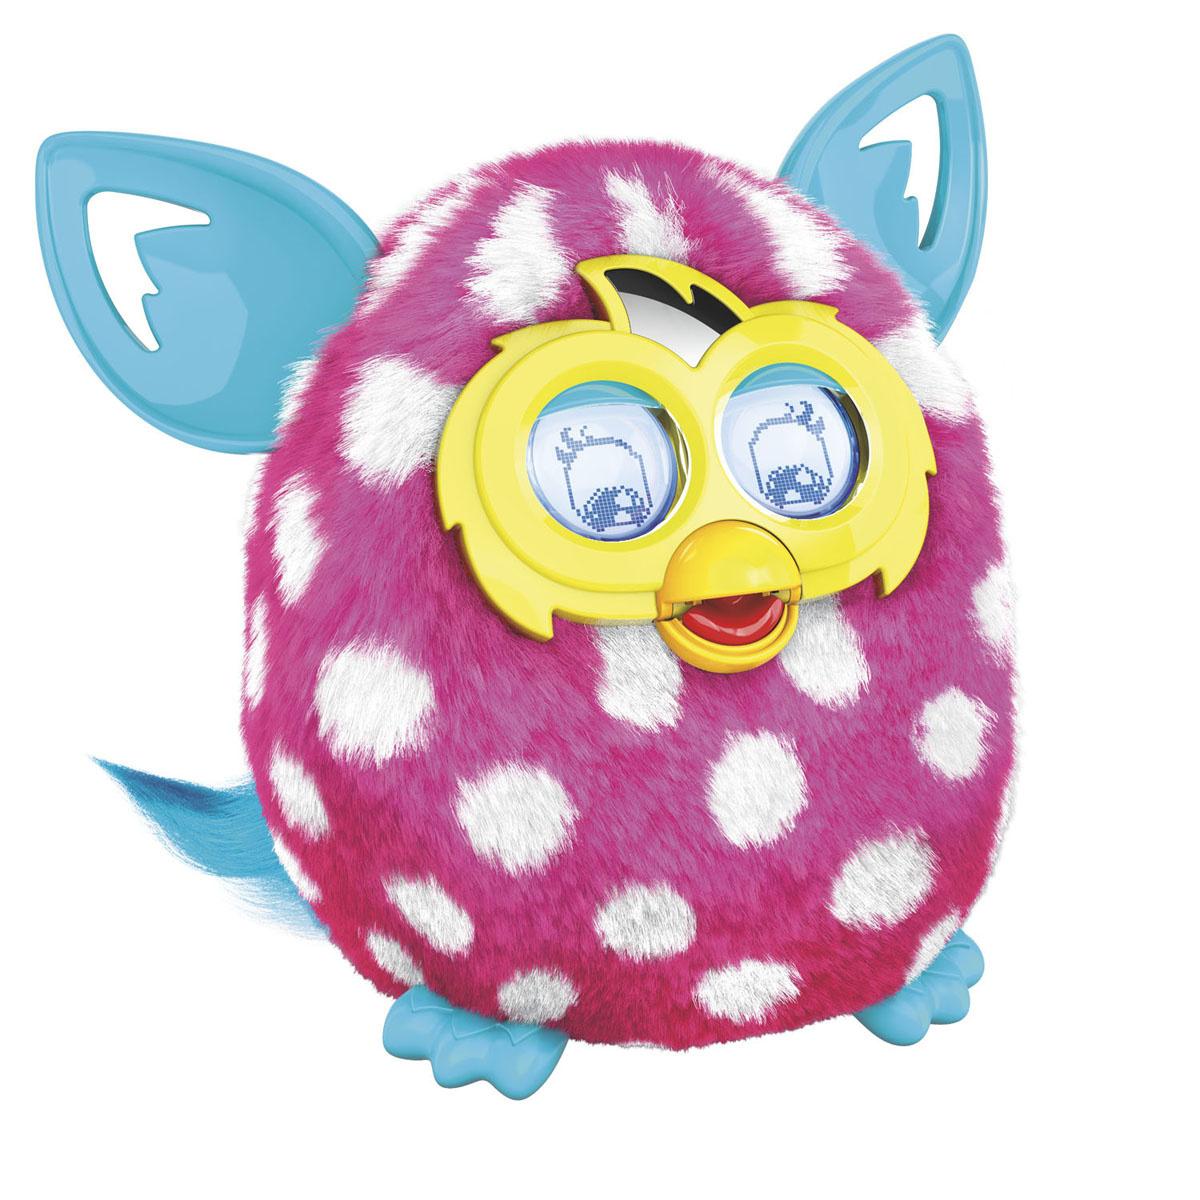 52ce8ab29185 Furby (Фёрби) Boom Интерактивная игрушка Солнечная волна (Рисунок белый  кружок) — купить в интернет-магазине OZON.ru с быстрой доставкой